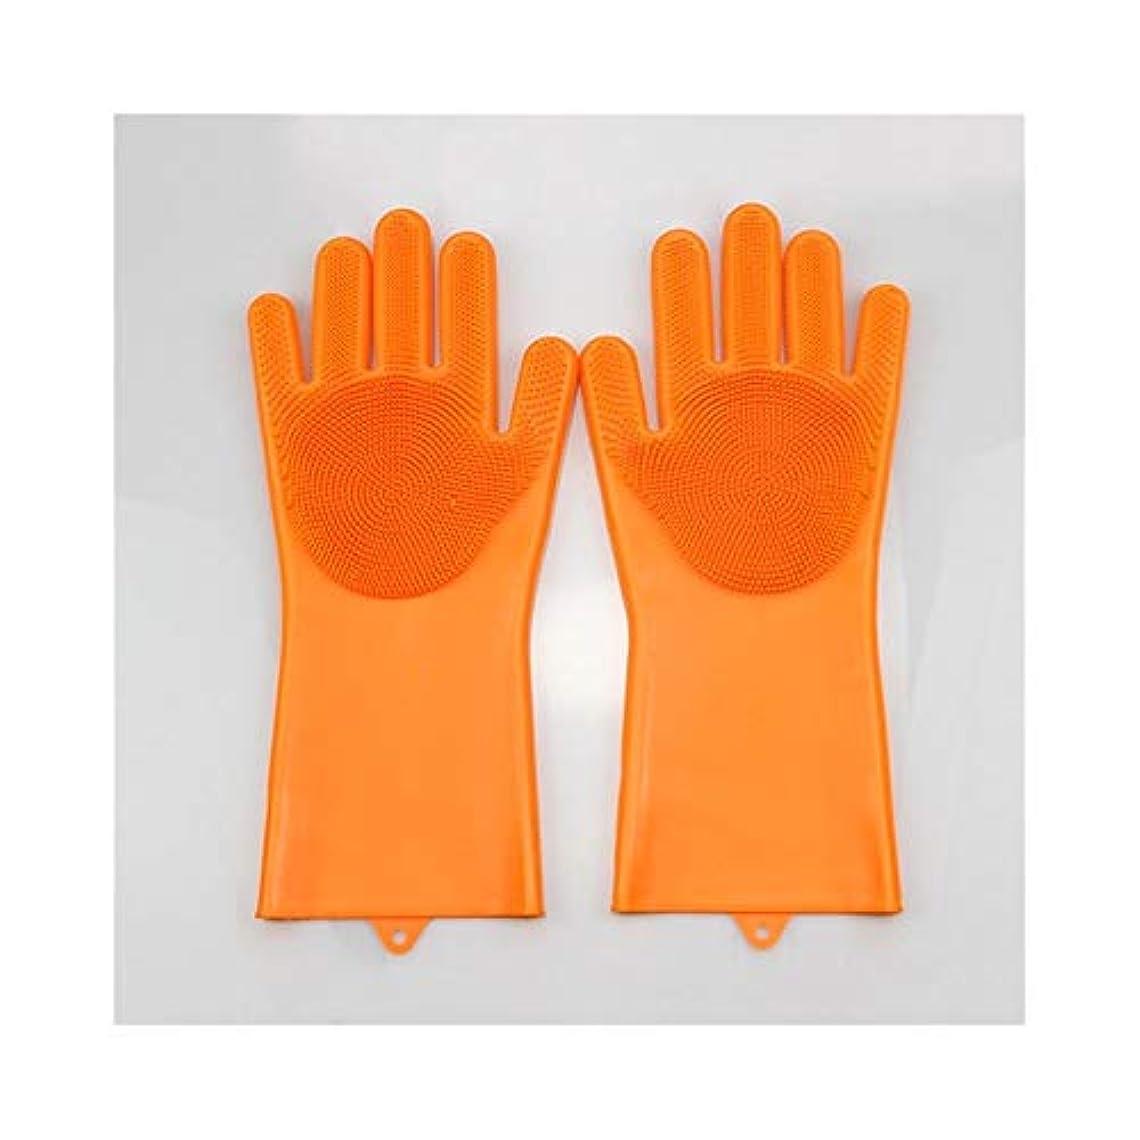 振幅洞察力協力するBTXXYJP キッチン用手袋 手袋 掃除用 ロング 耐摩耗 食器洗い 作業 掃除 炊事 食器洗い 園芸 洗車 防水 手袋 (Color : Orange, Size : L)